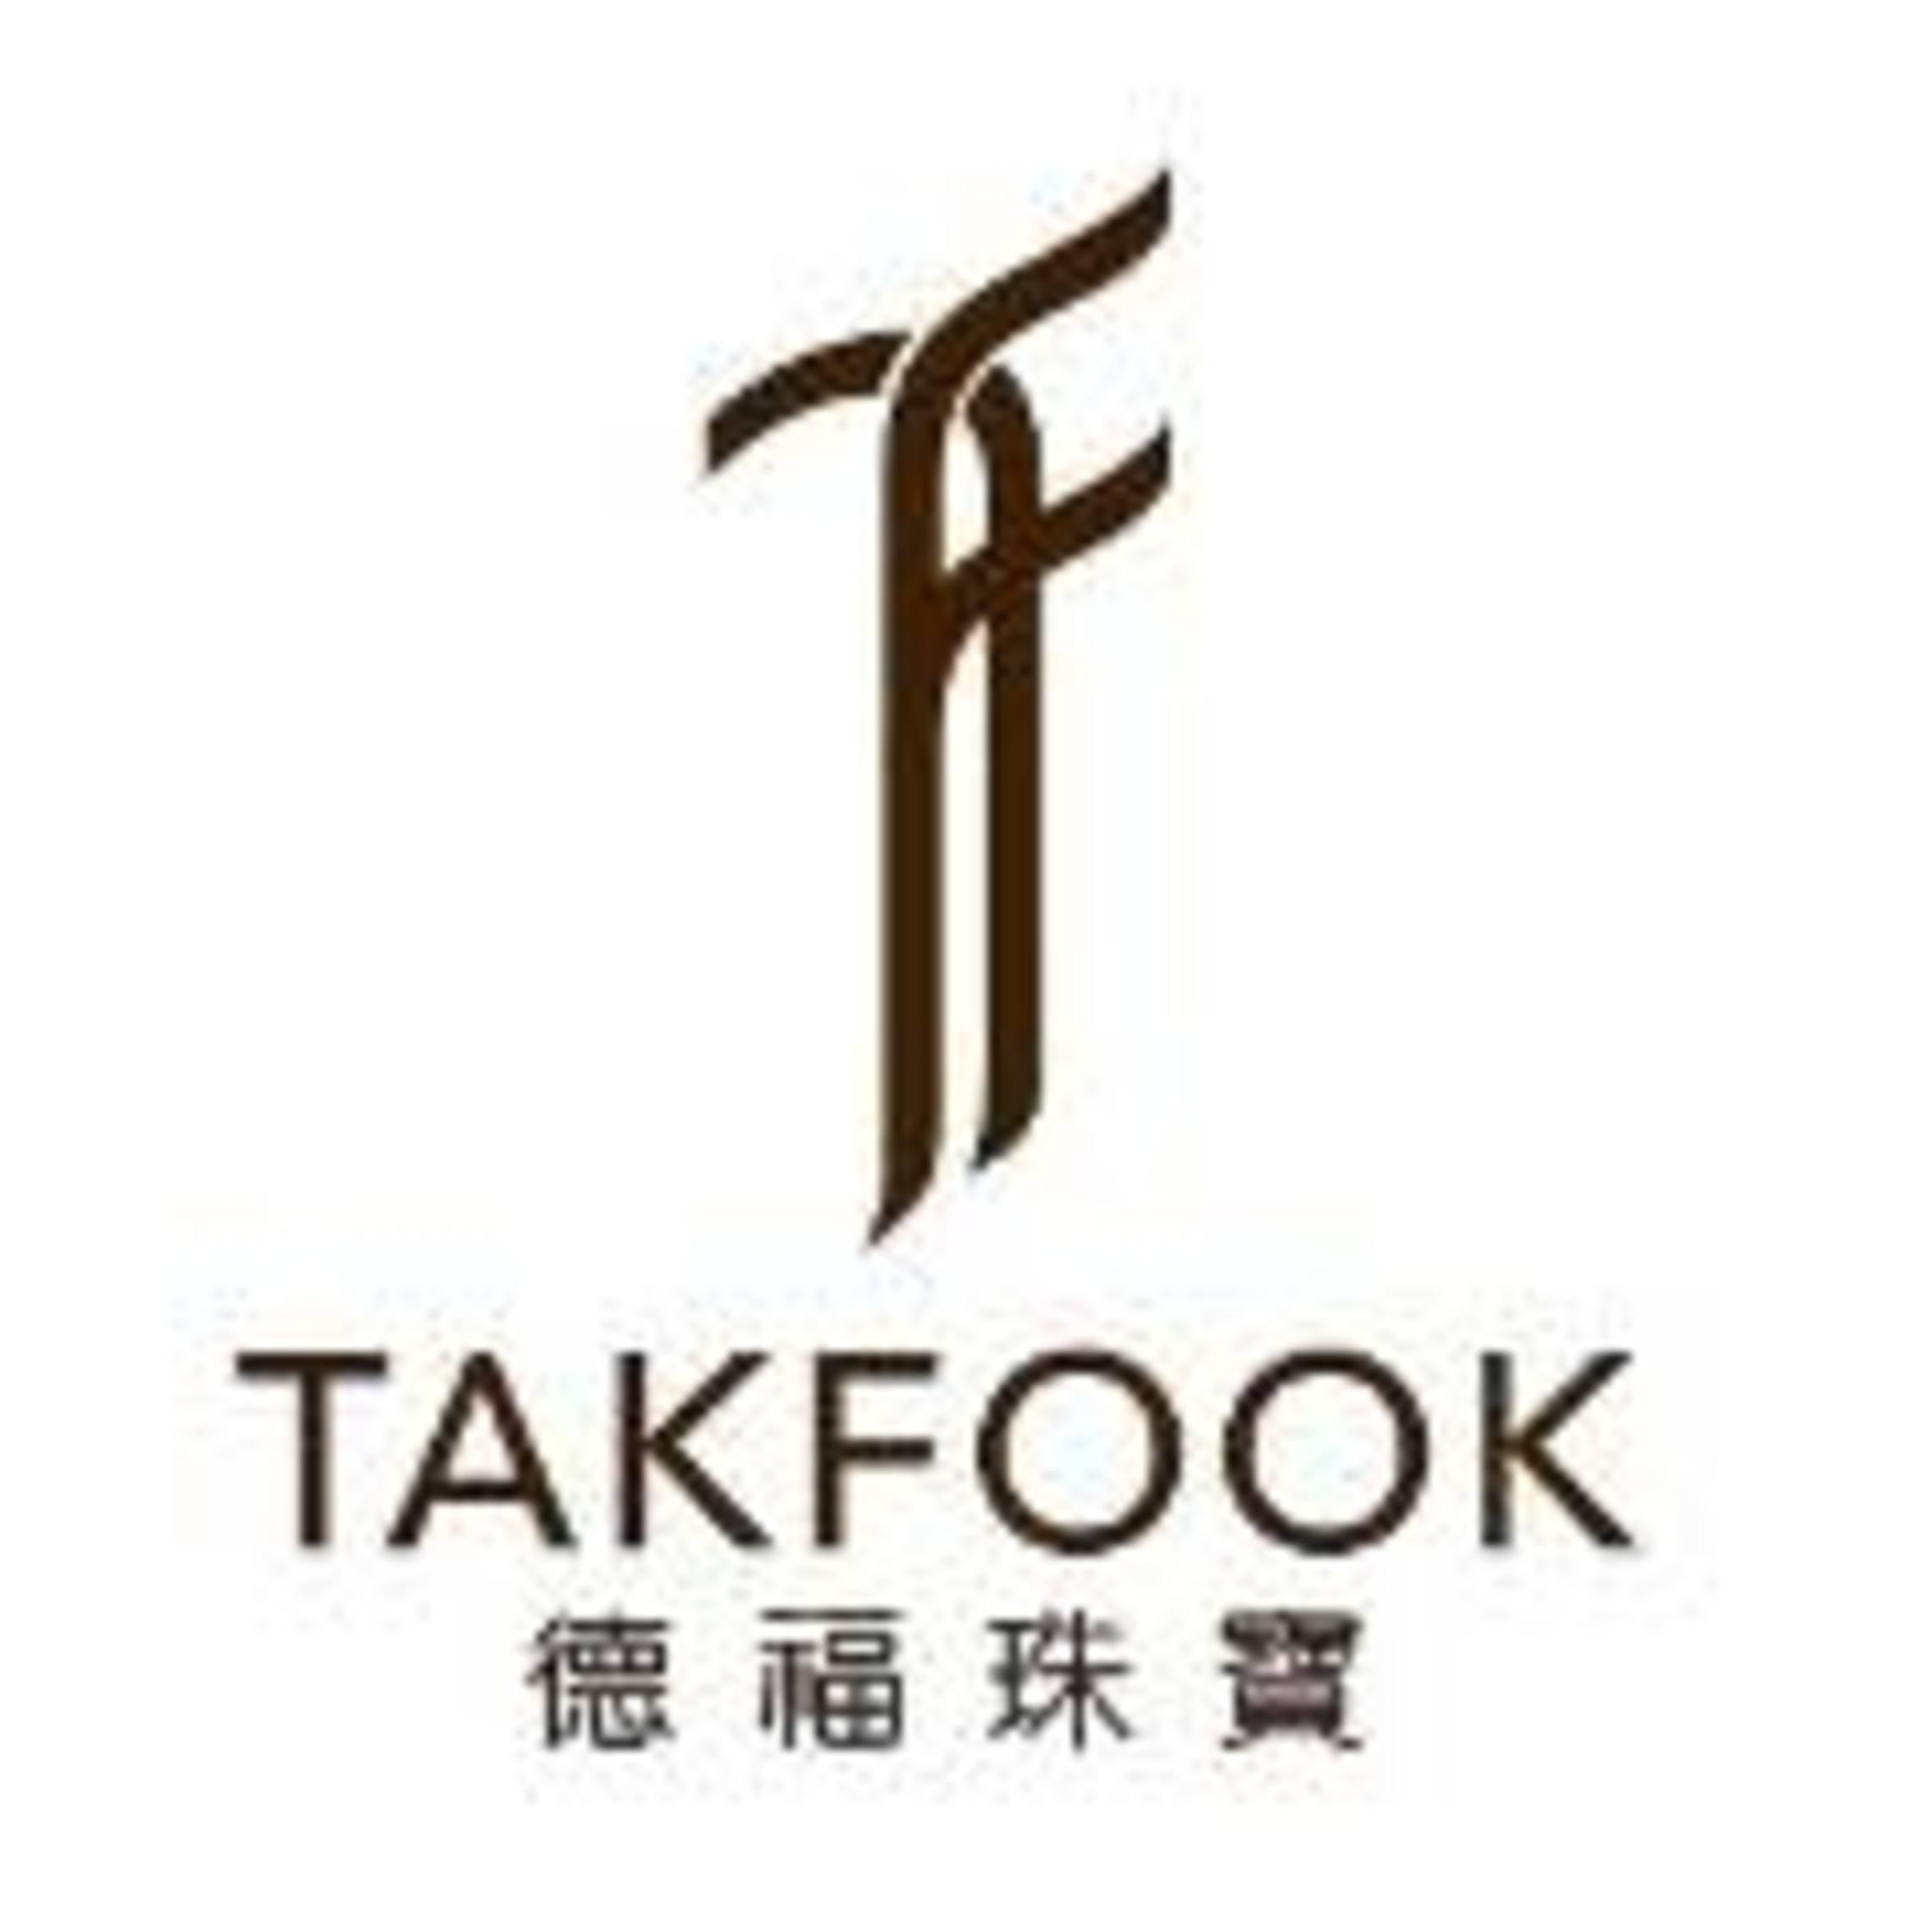 tak fook jewellery- company logo